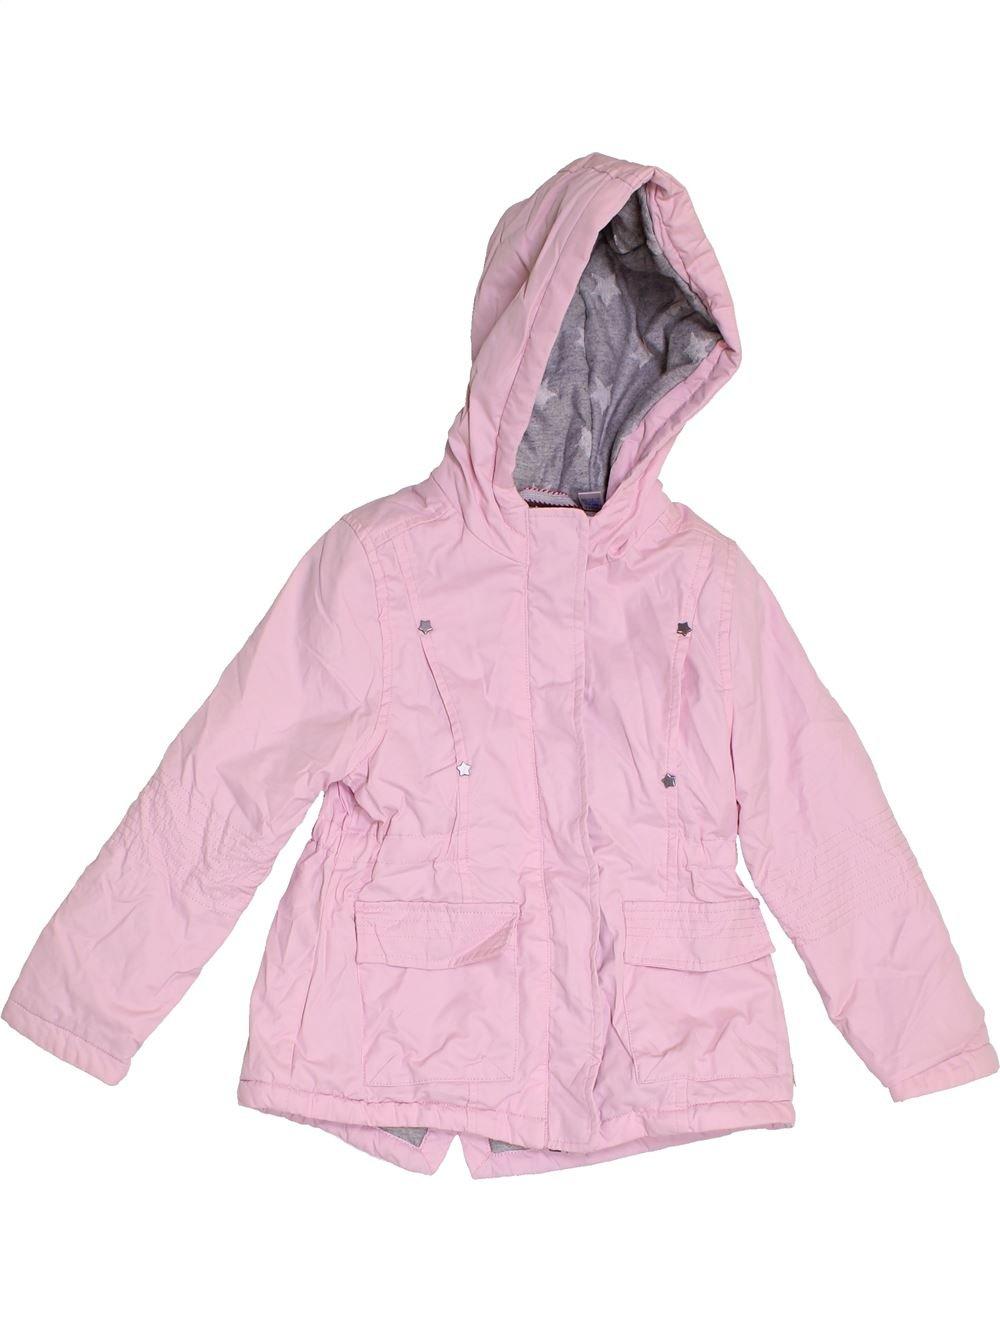 Manteau rose OKAIDI du 4 ans pour Fille - 1368882 5a4e9f3b7a7